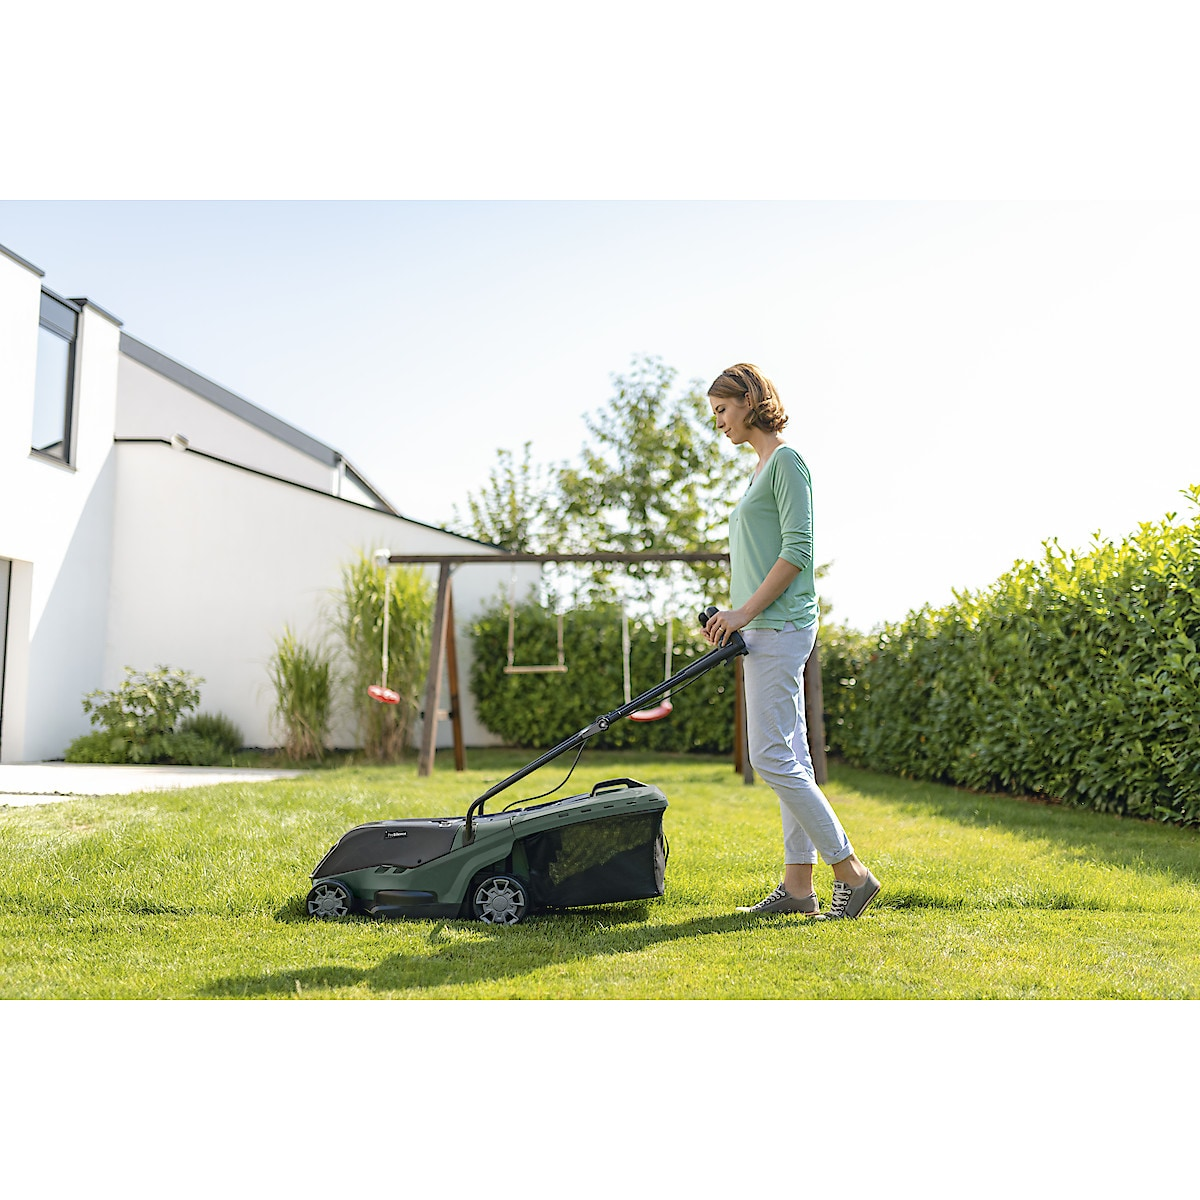 Bosch 36-670, 36 V, gressklipper